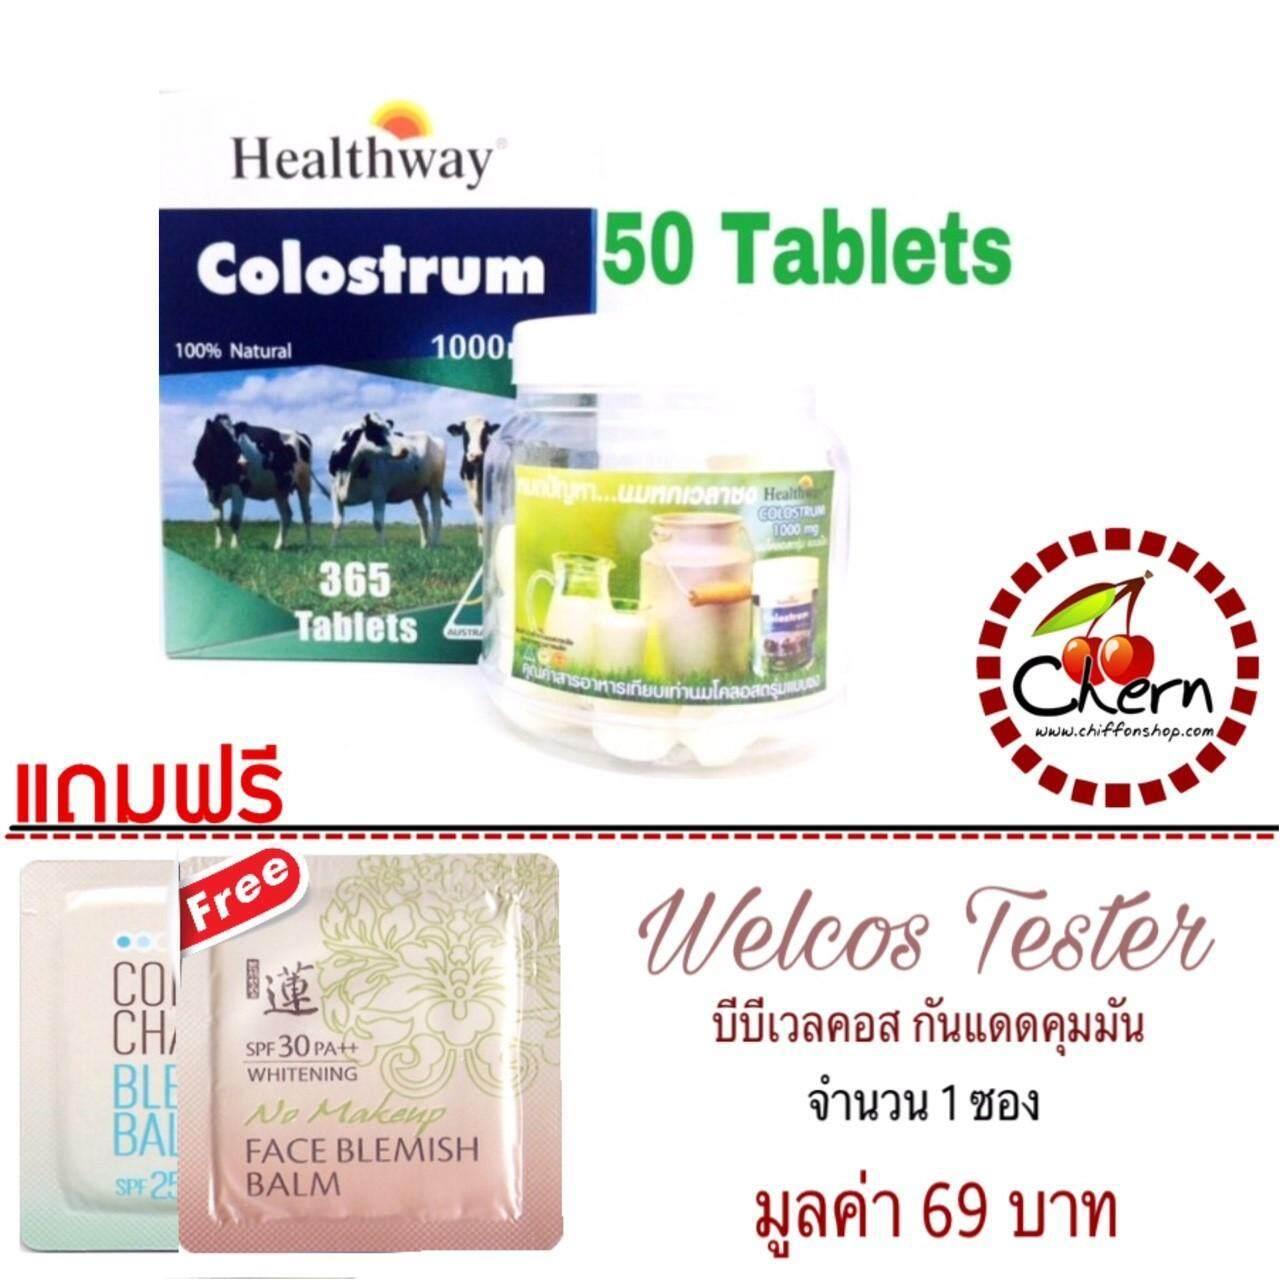 ซื้อ Healthway Colostrum Tablets นมอัดเม็ดเพิ่มความสูง 1000 Mg แบ่งขาย 50เม็ด Healthway ถูก